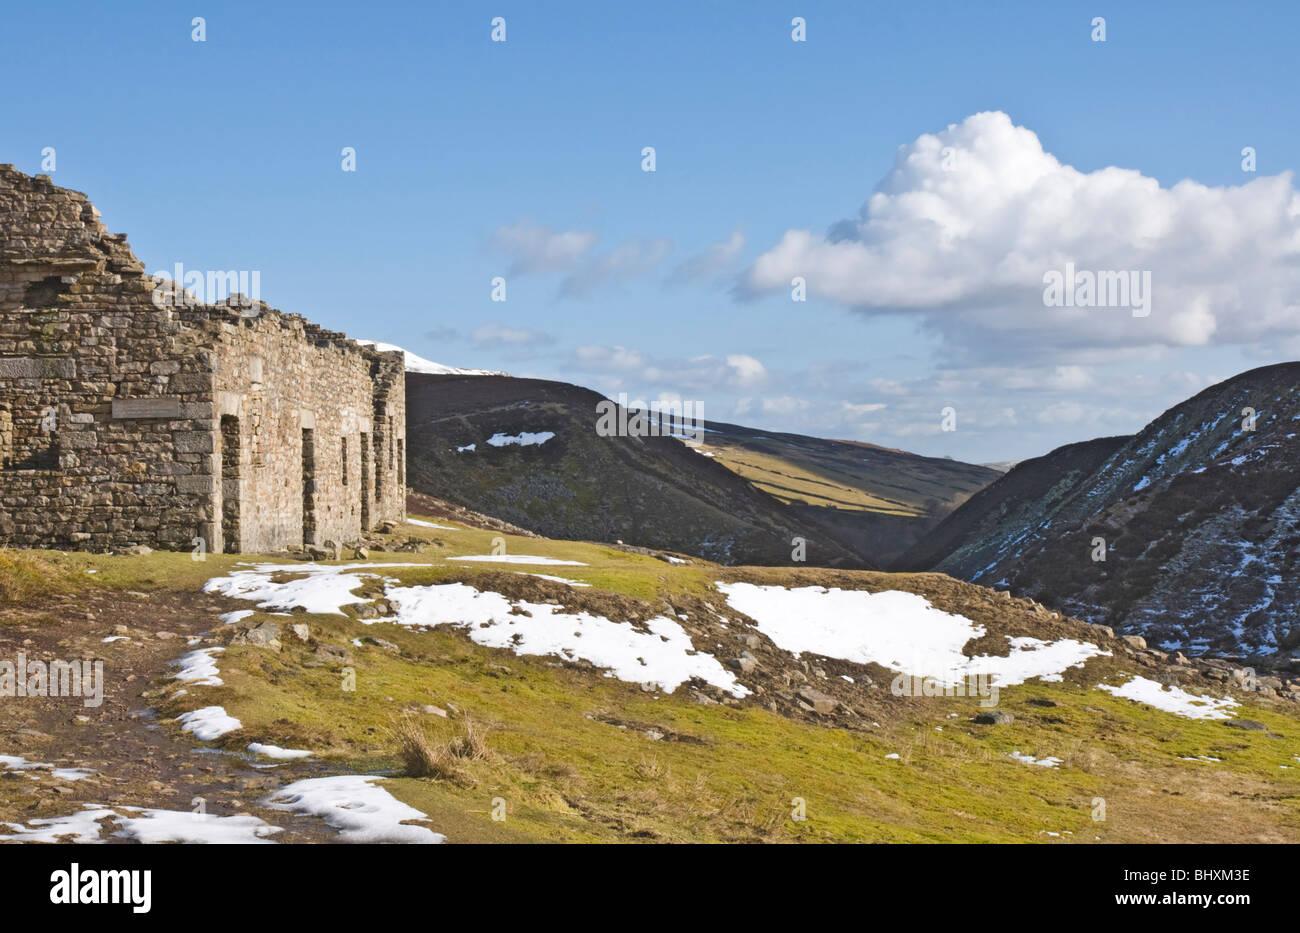 Las ruinas de rendirse olía Mill, Swaledale, Yorkshire Dales National Park. Parte de los restos de la industria Imagen De Stock